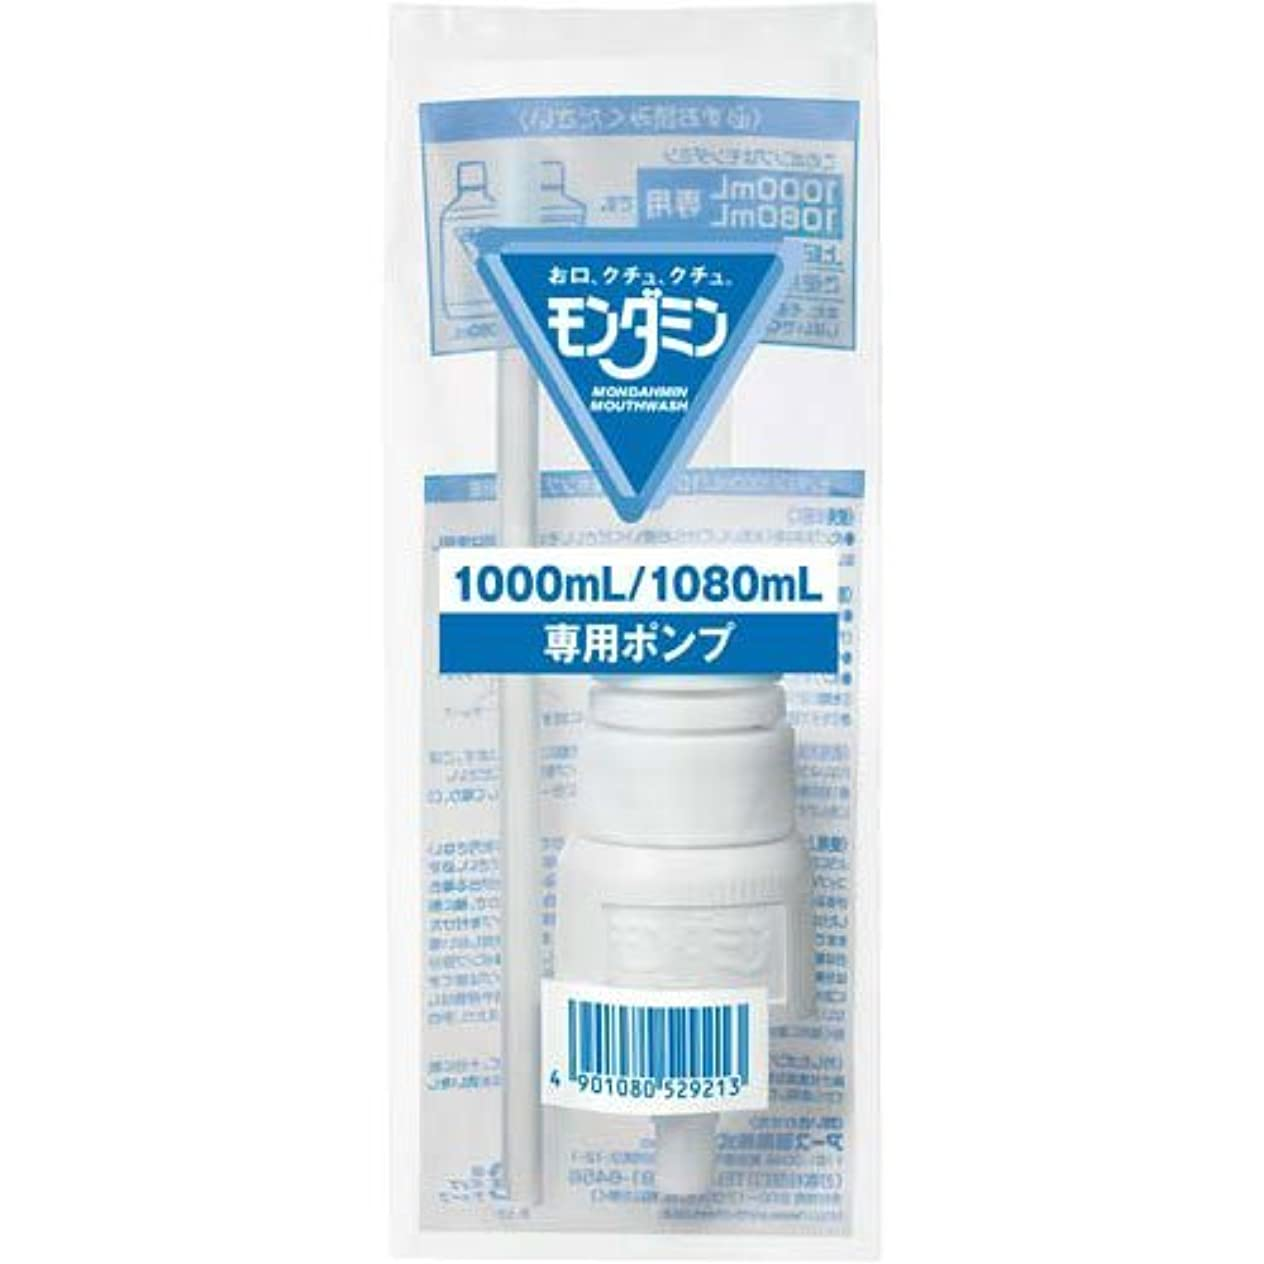 信者促す解明するアース製薬 モンダミン1080ml専用ポンプ